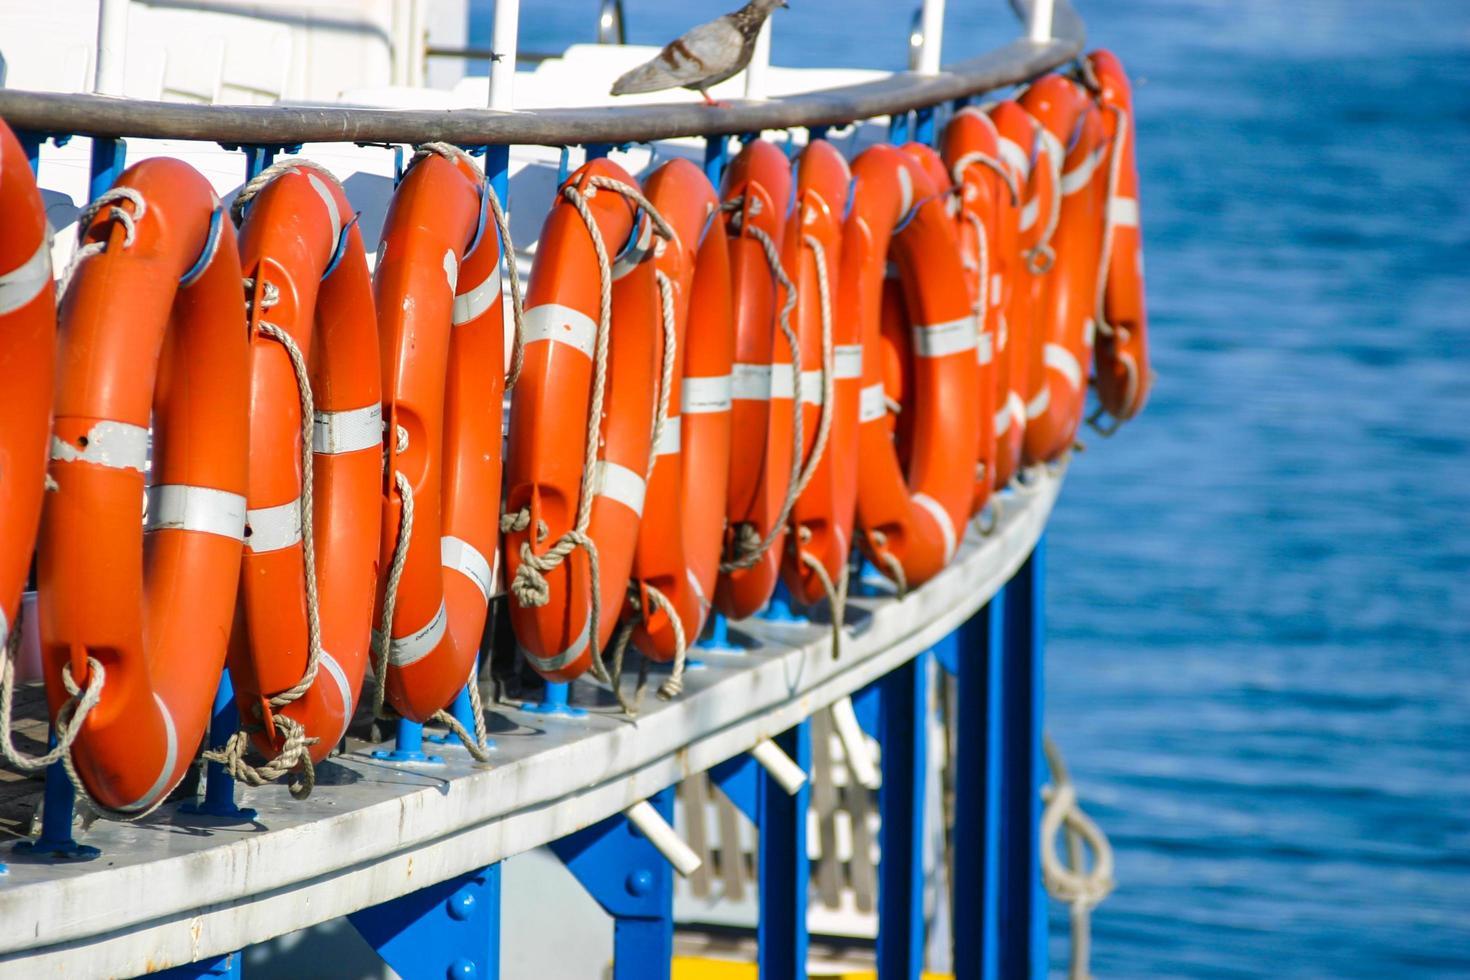 primo piano di una barca con salvagenti anulari su di esso foto